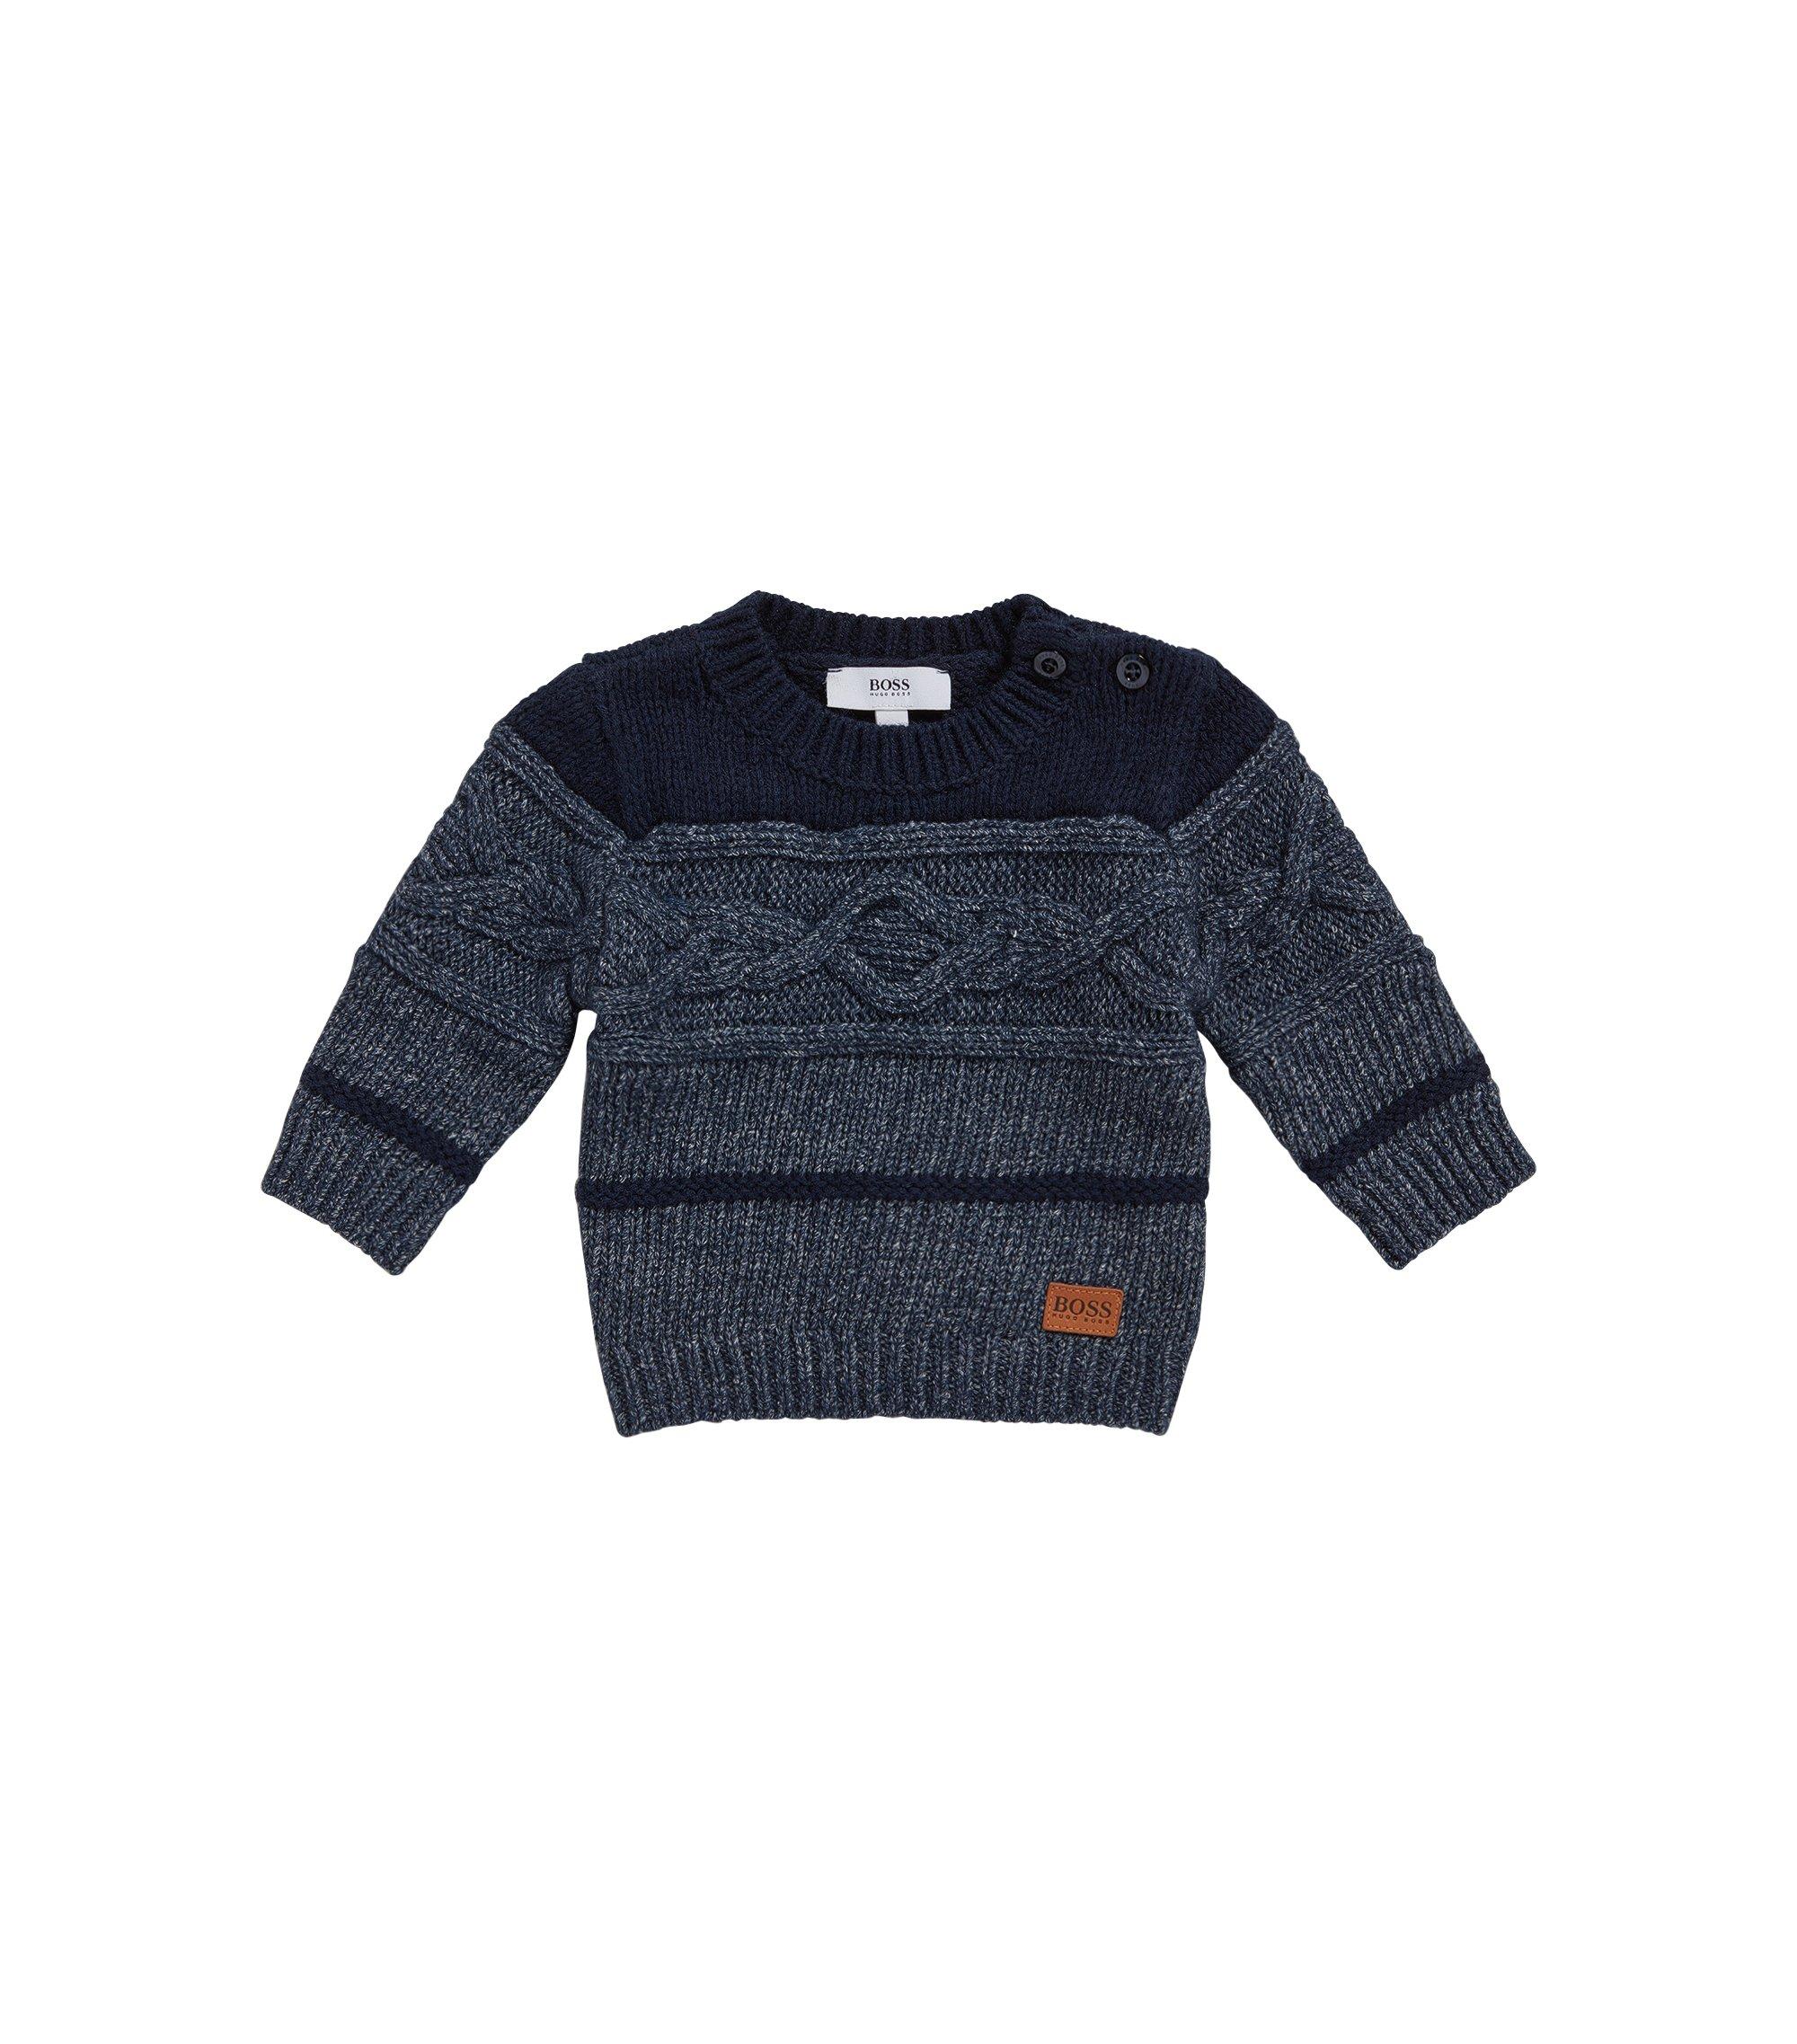 Baby-Pullover aus elastischem Baumwoll-Mix: 'J05516', Dunkelblau